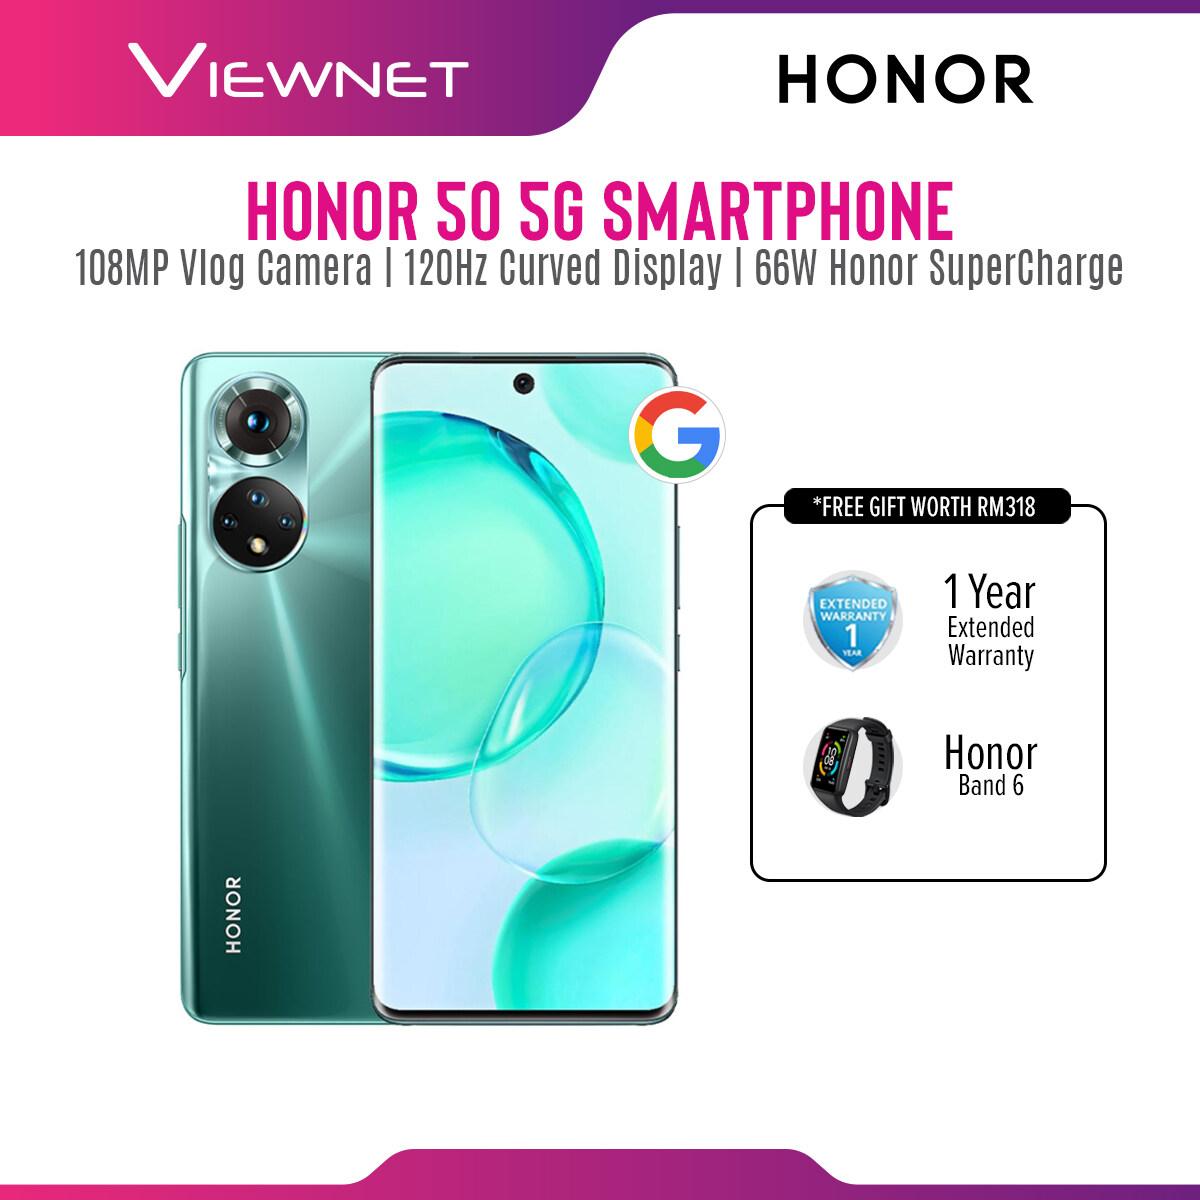 [PRE-ORDER] [New] HONOR 50 (8GB+256GB) - 1+1 Year Warranty (ETA: 2021-10-25)